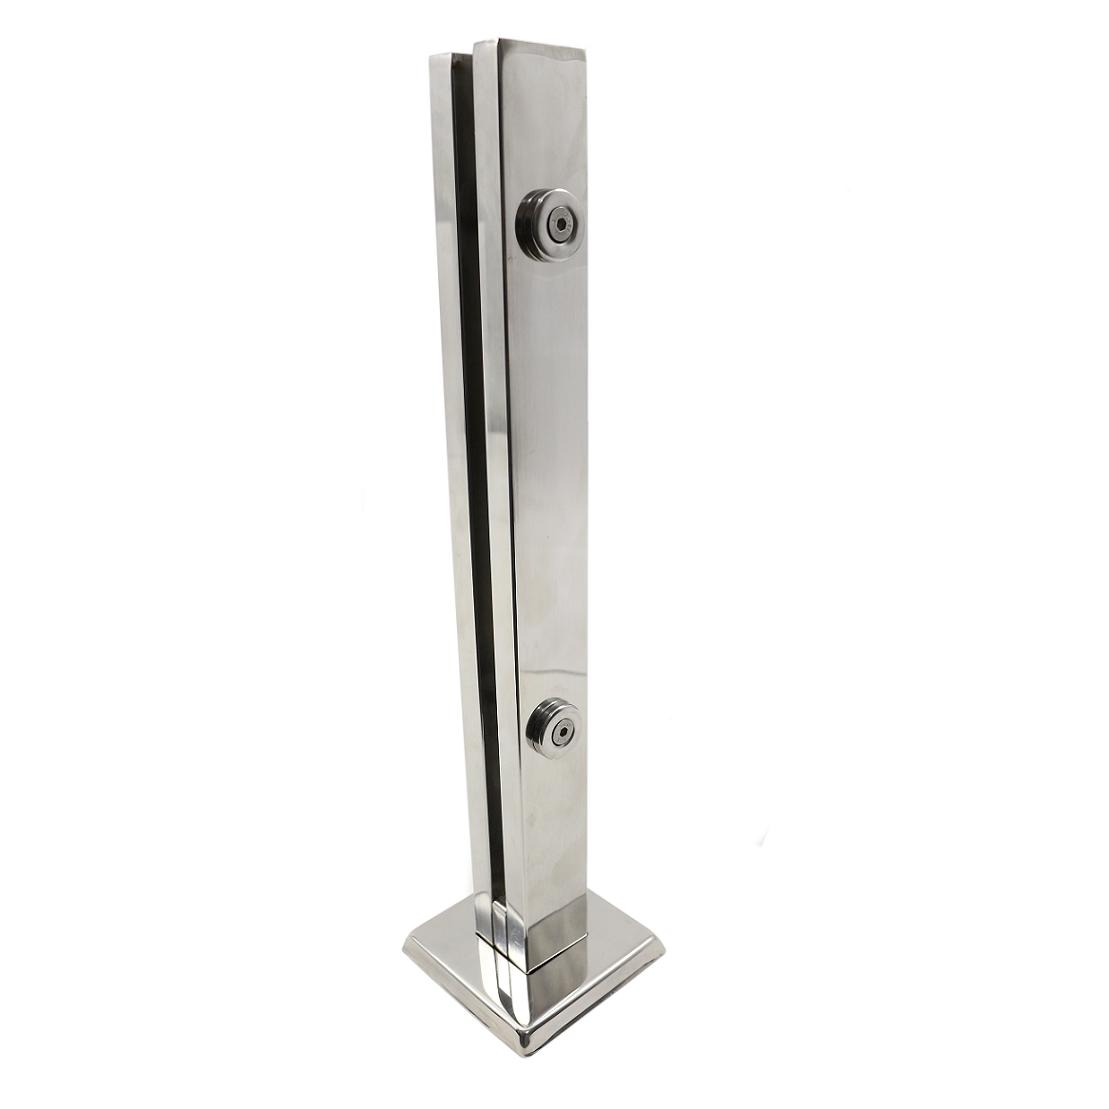 Coluna Torre de Inox 304 - Polida - 30 cm - 2 Furos